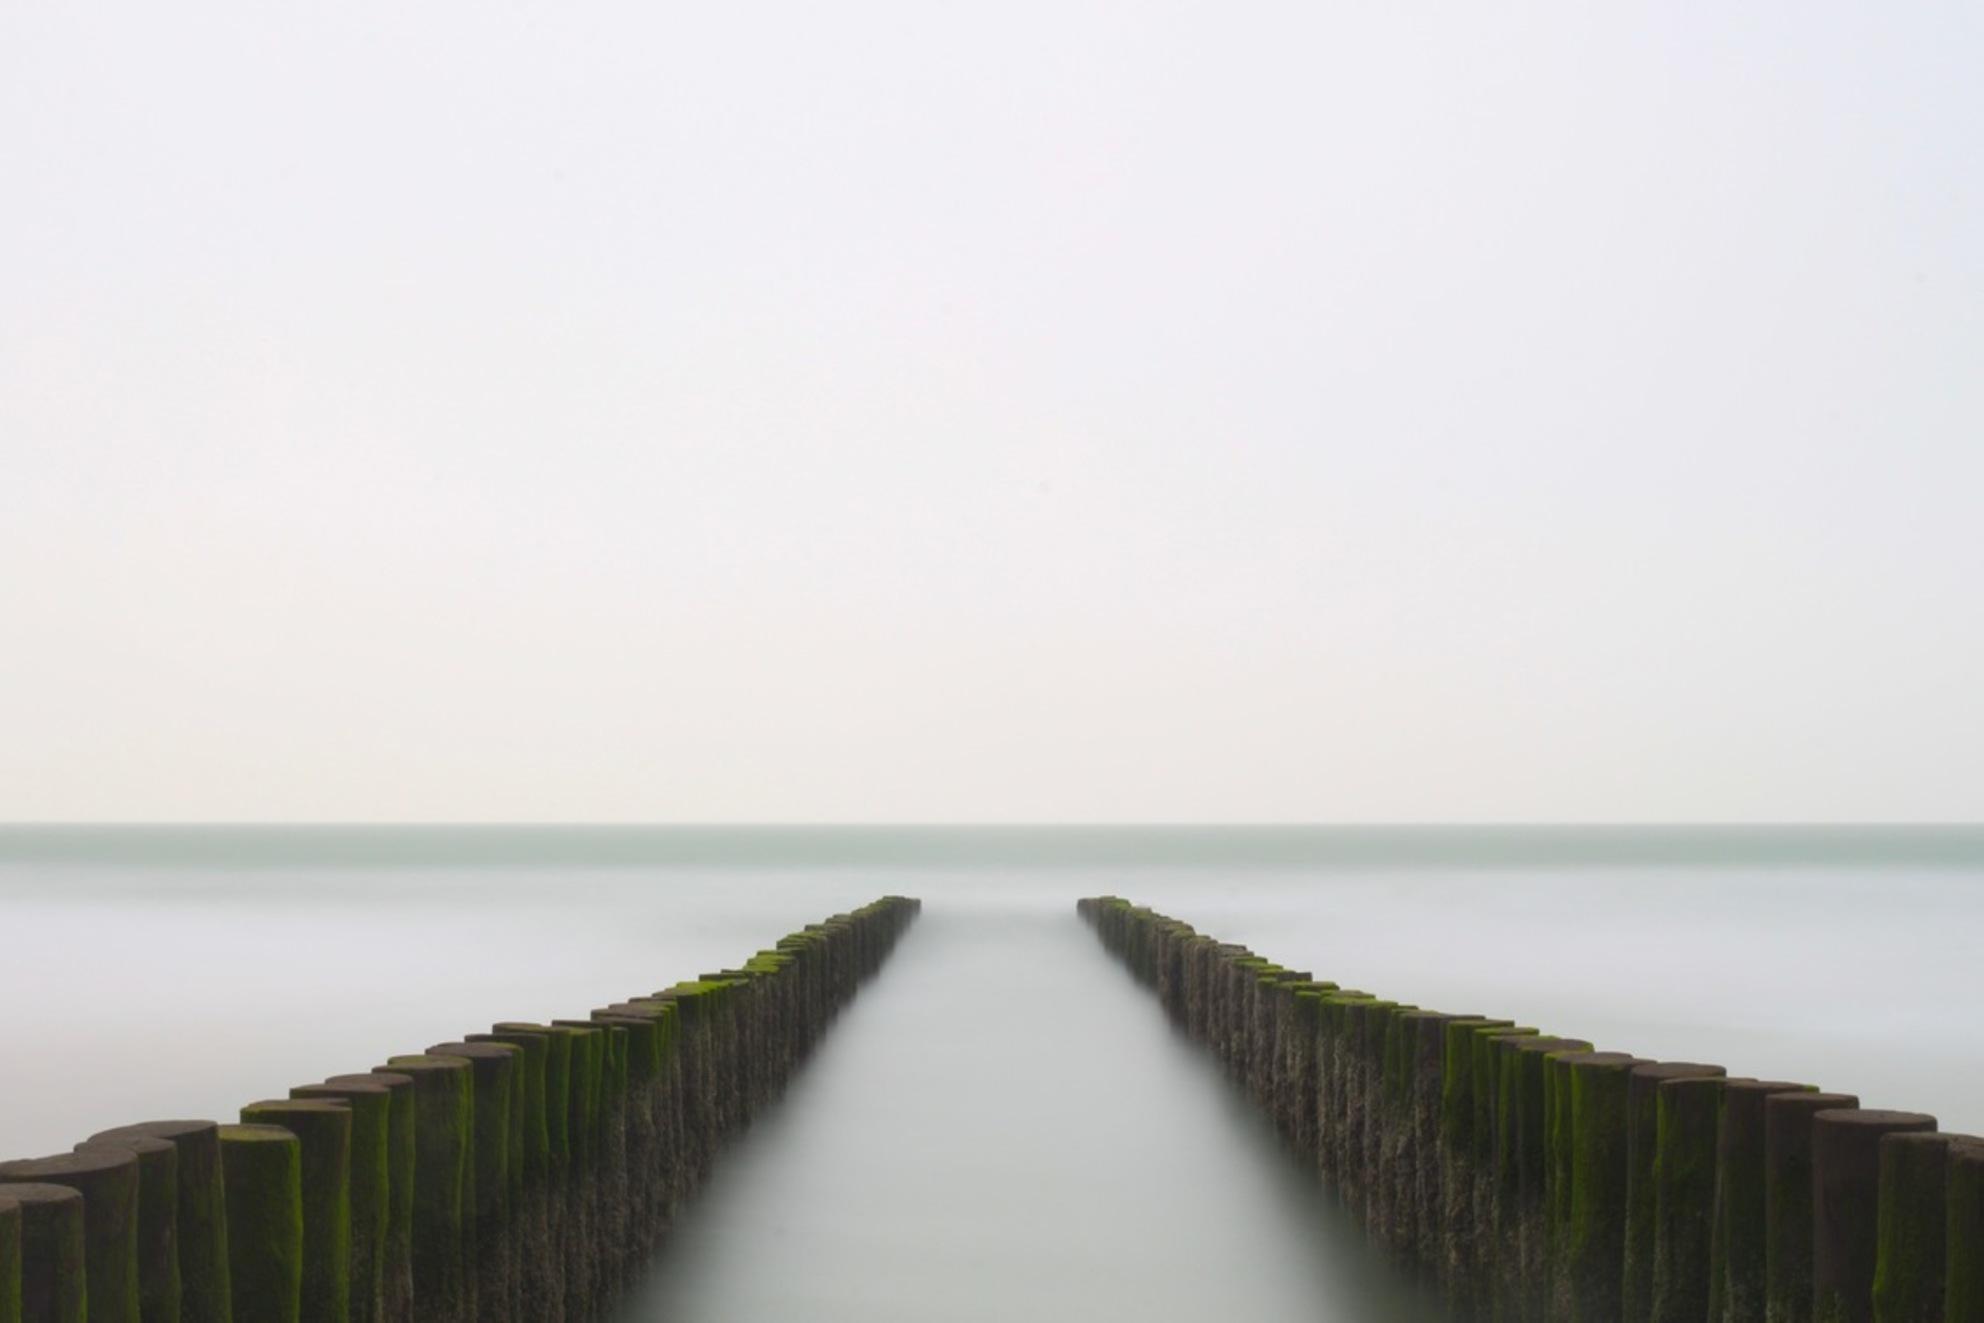 Stop the time (2/3) - - - foto door JNSSN op 04-04-2018 - deze foto bevat: strand, zee, water, landschap, zand, pier, zeeland, kust, nederland, westenschouwen, lange sluitertijd - Deze foto mag gebruikt worden in een Zoom.nl publicatie